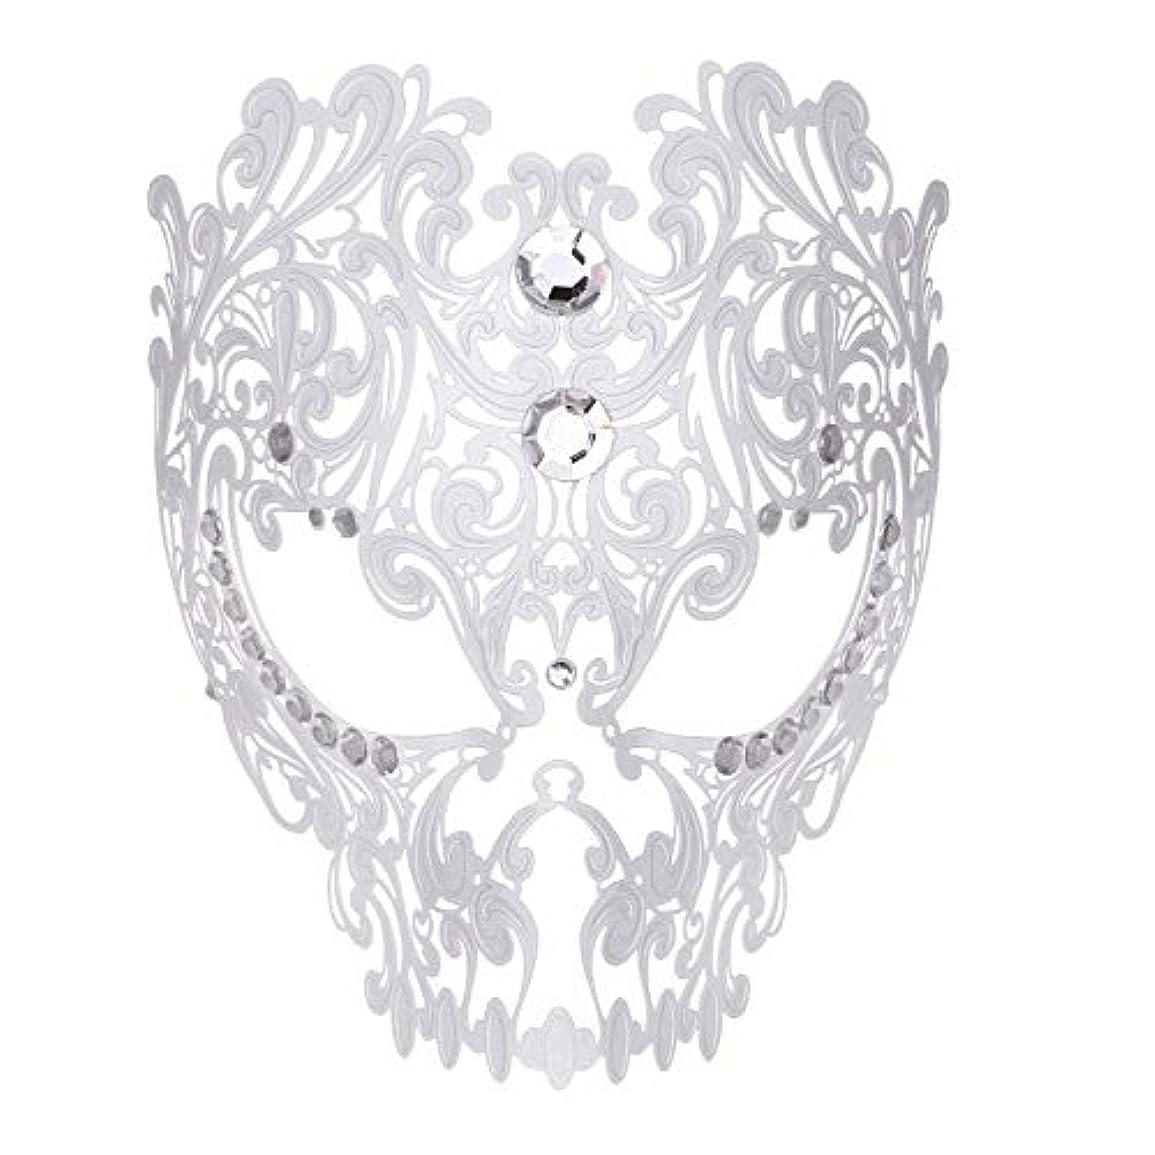 不利益ムスタチオクアッガダンスマスク フルフェイスエナメル金属象眼細工中空マスクナイトクラブパーティーロールプレイングマスカレードマスク ホリデーパーティー用品 (色 : 白, サイズ : Universal)